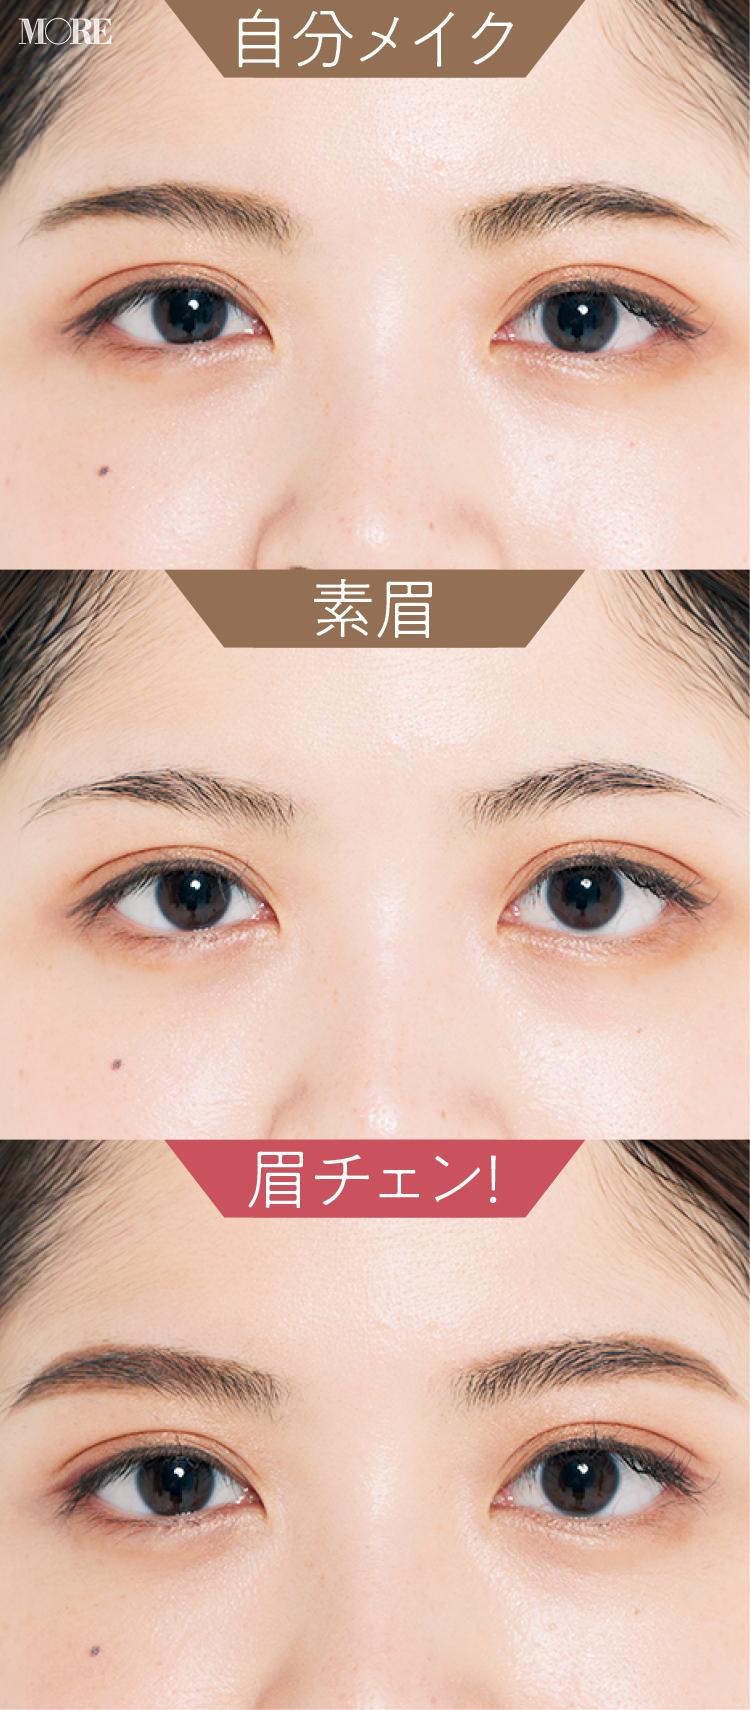 眉毛の整え方特集 -【世界一正しい眉のお手入れ法】など、眉迷子のための眉メイクの基本まとめ_79